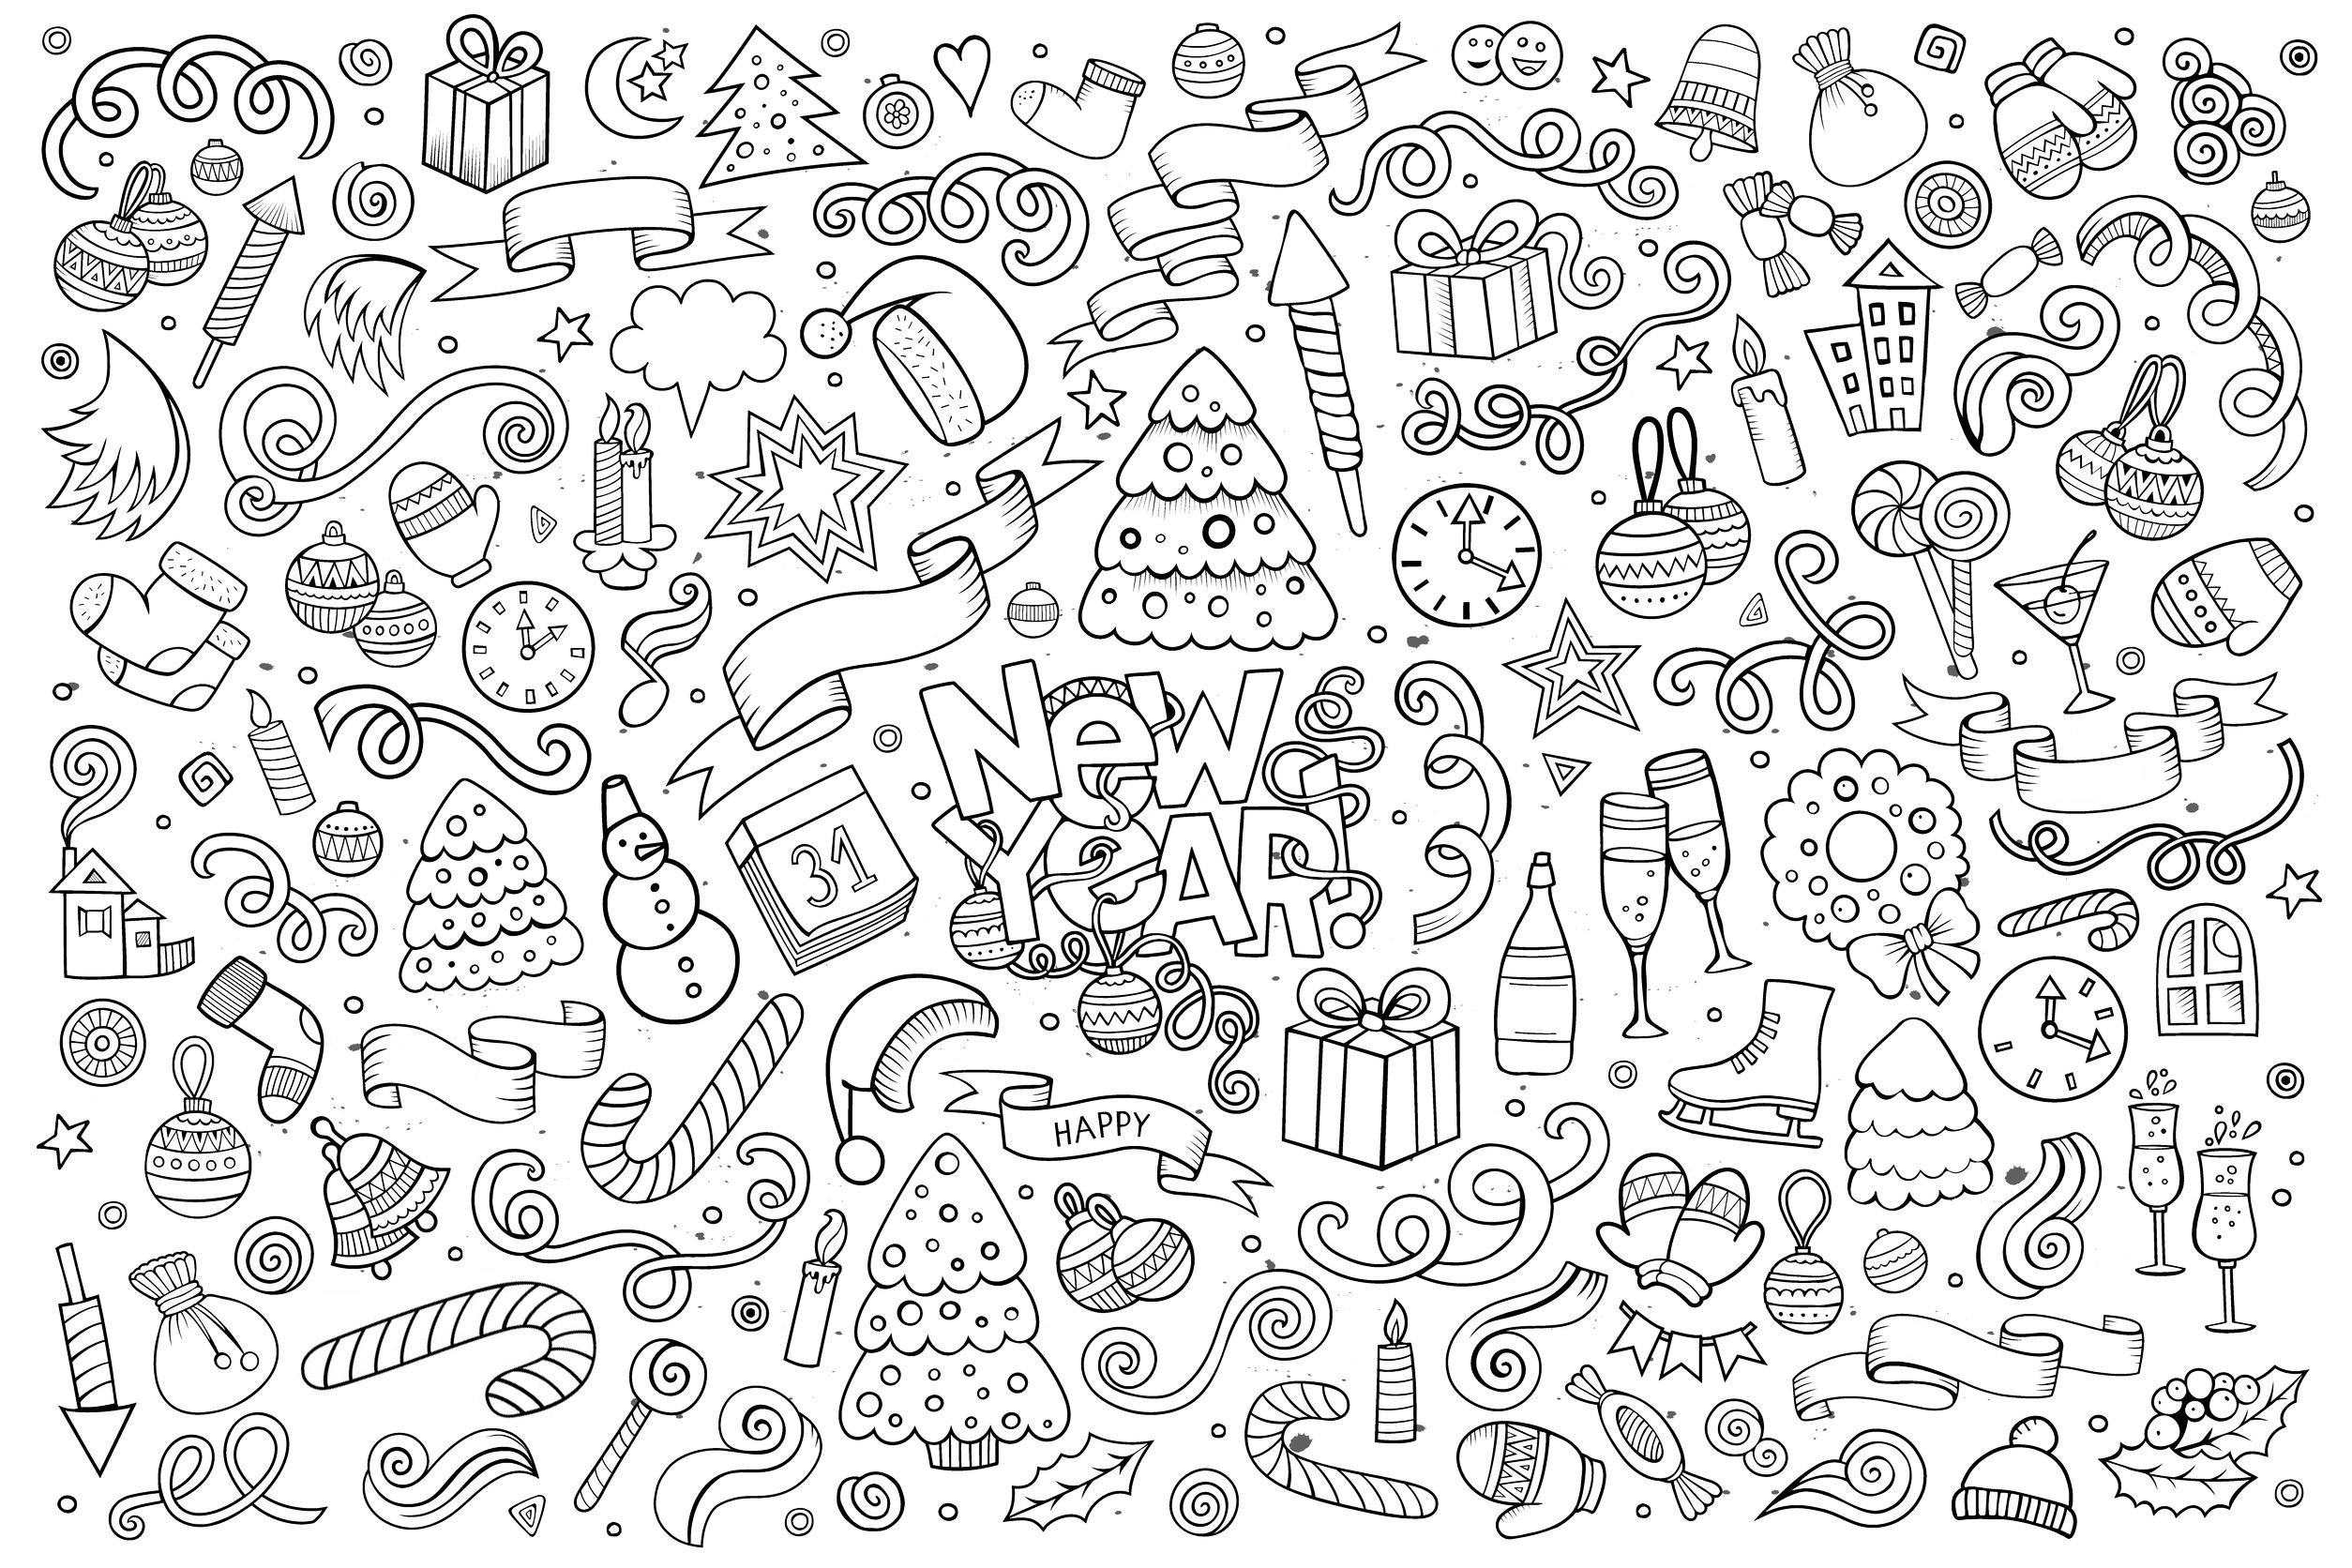 Complexe Doodle Bonne Annee Coloriage Adulte Coloriages Pour